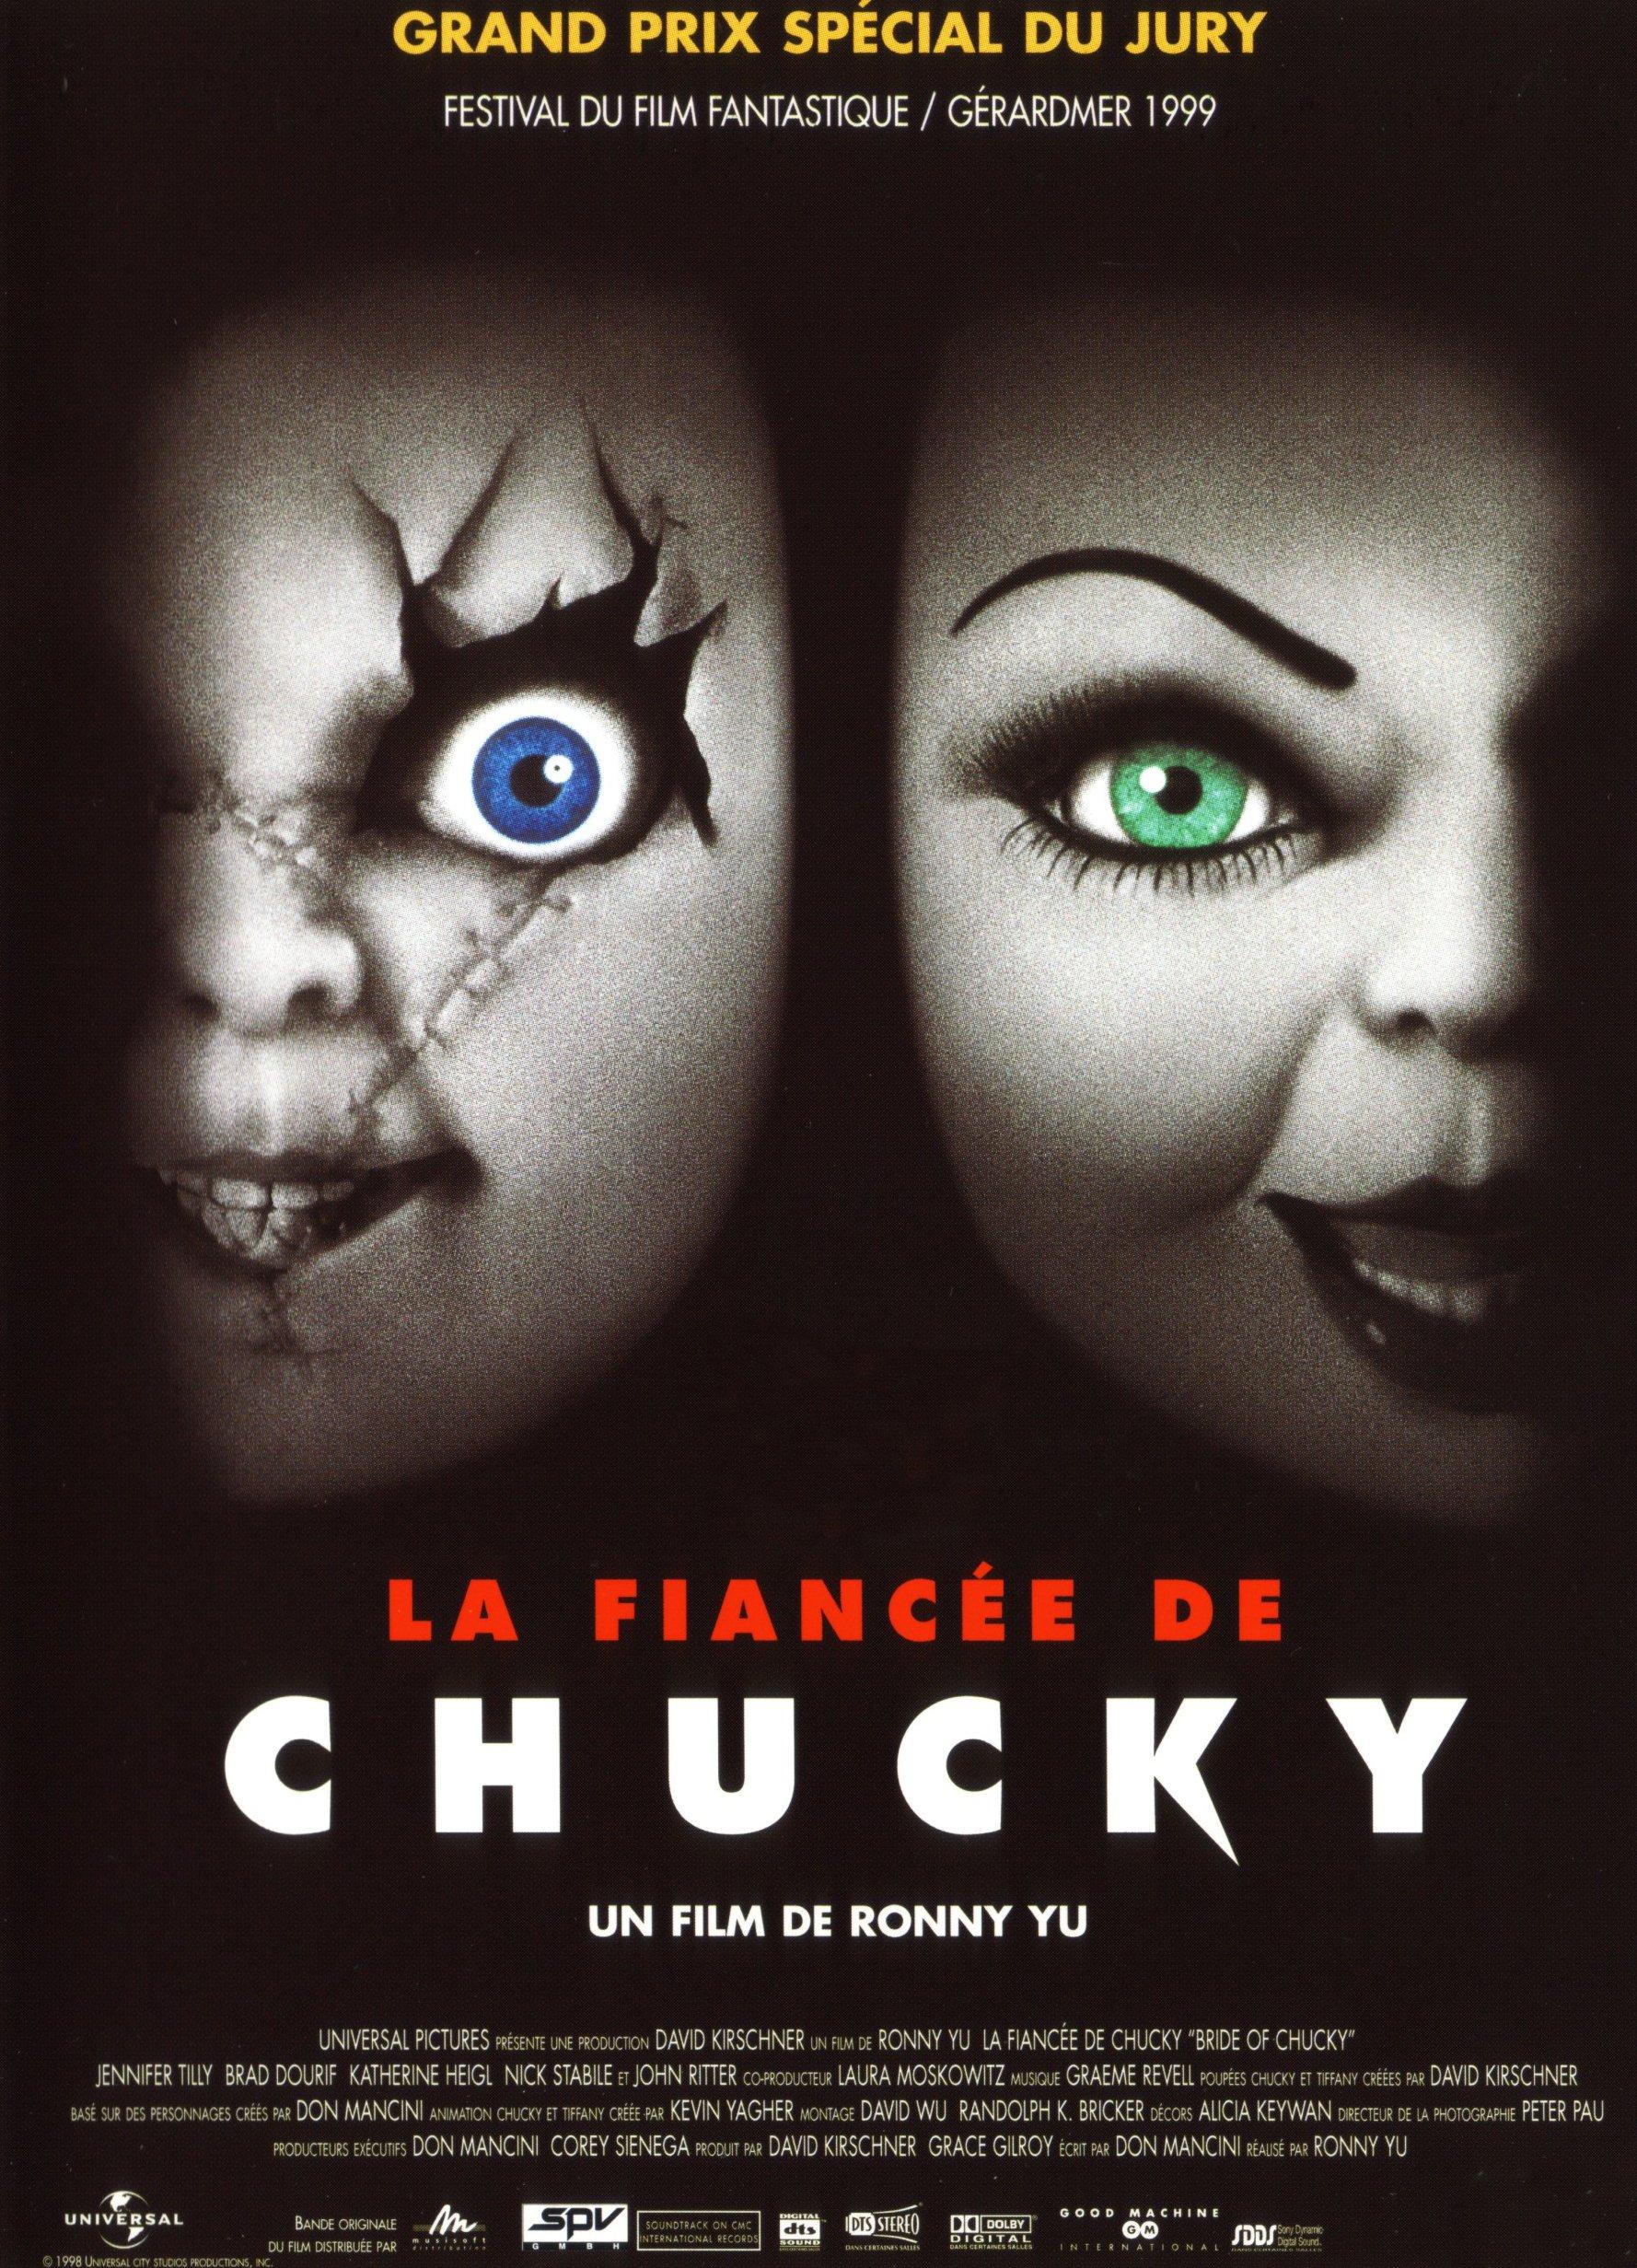 affiche du film La Fiancée de Chucky